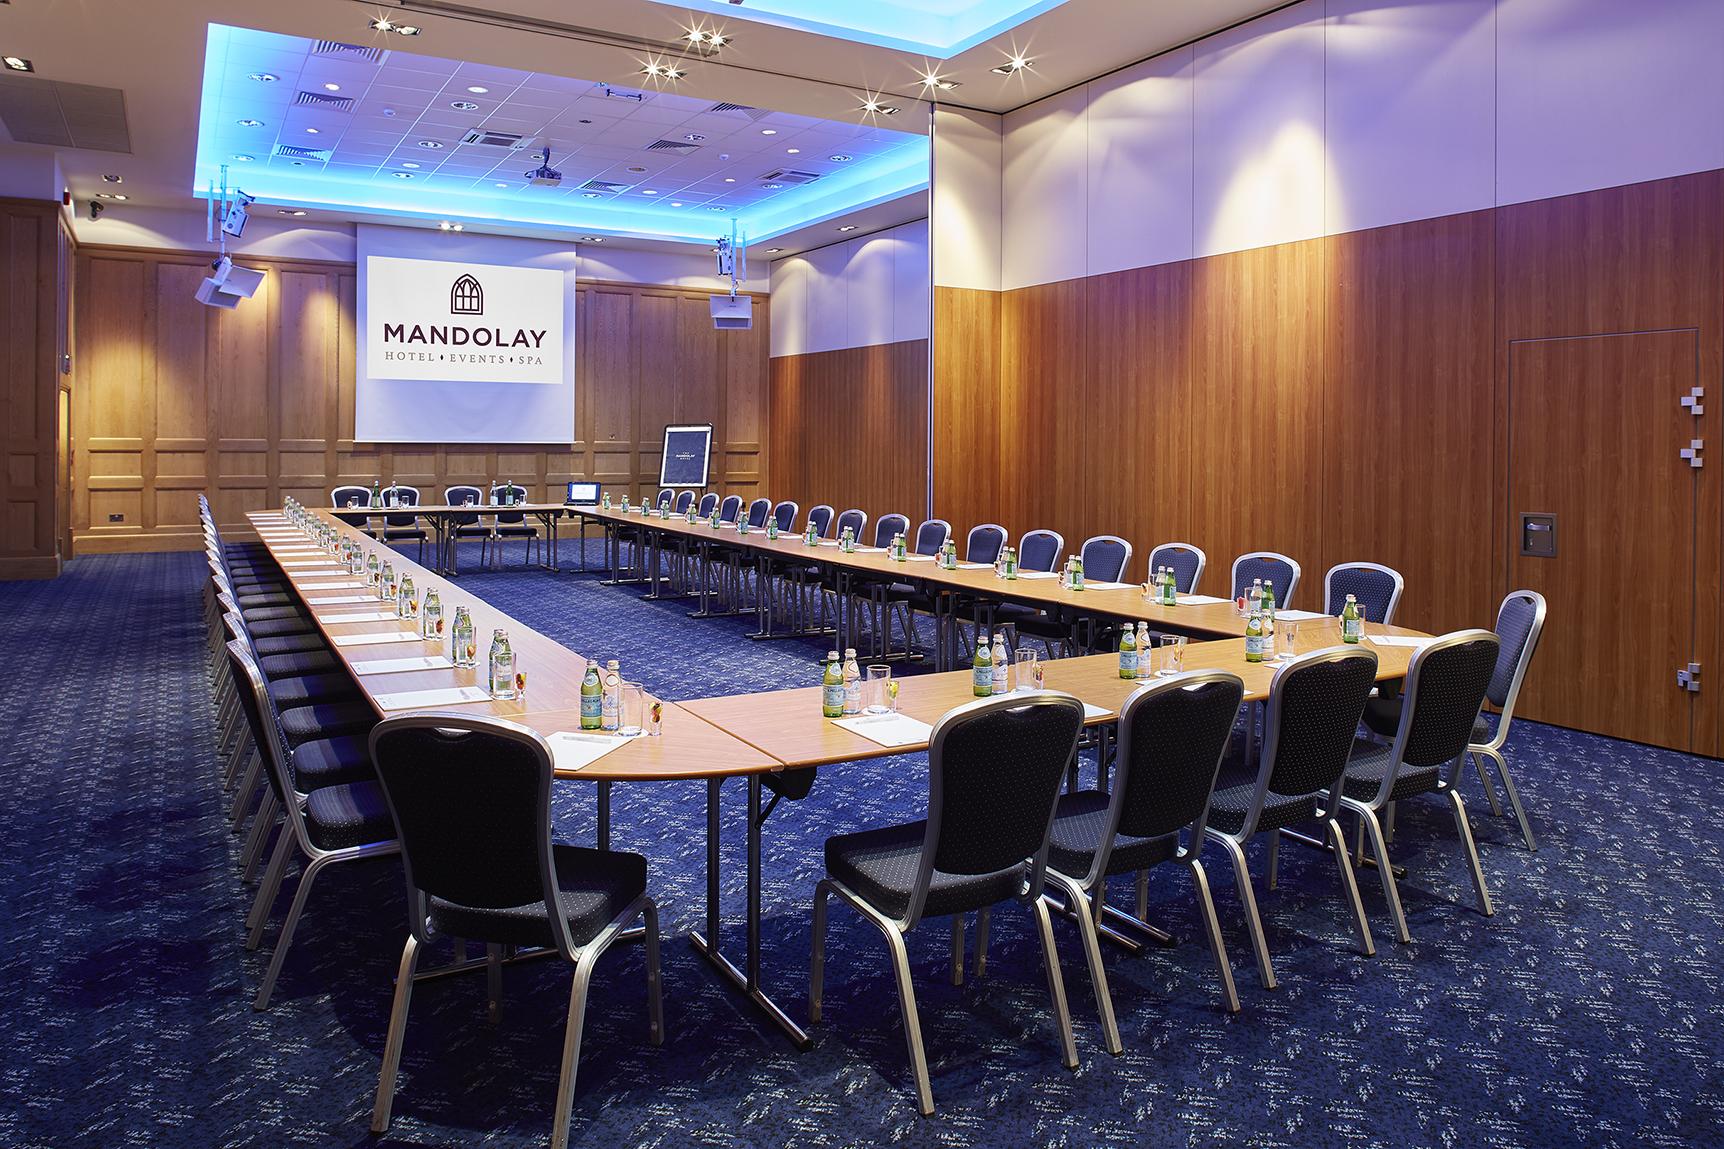 conference venue details mandolay hotel,guildford,surrey,south